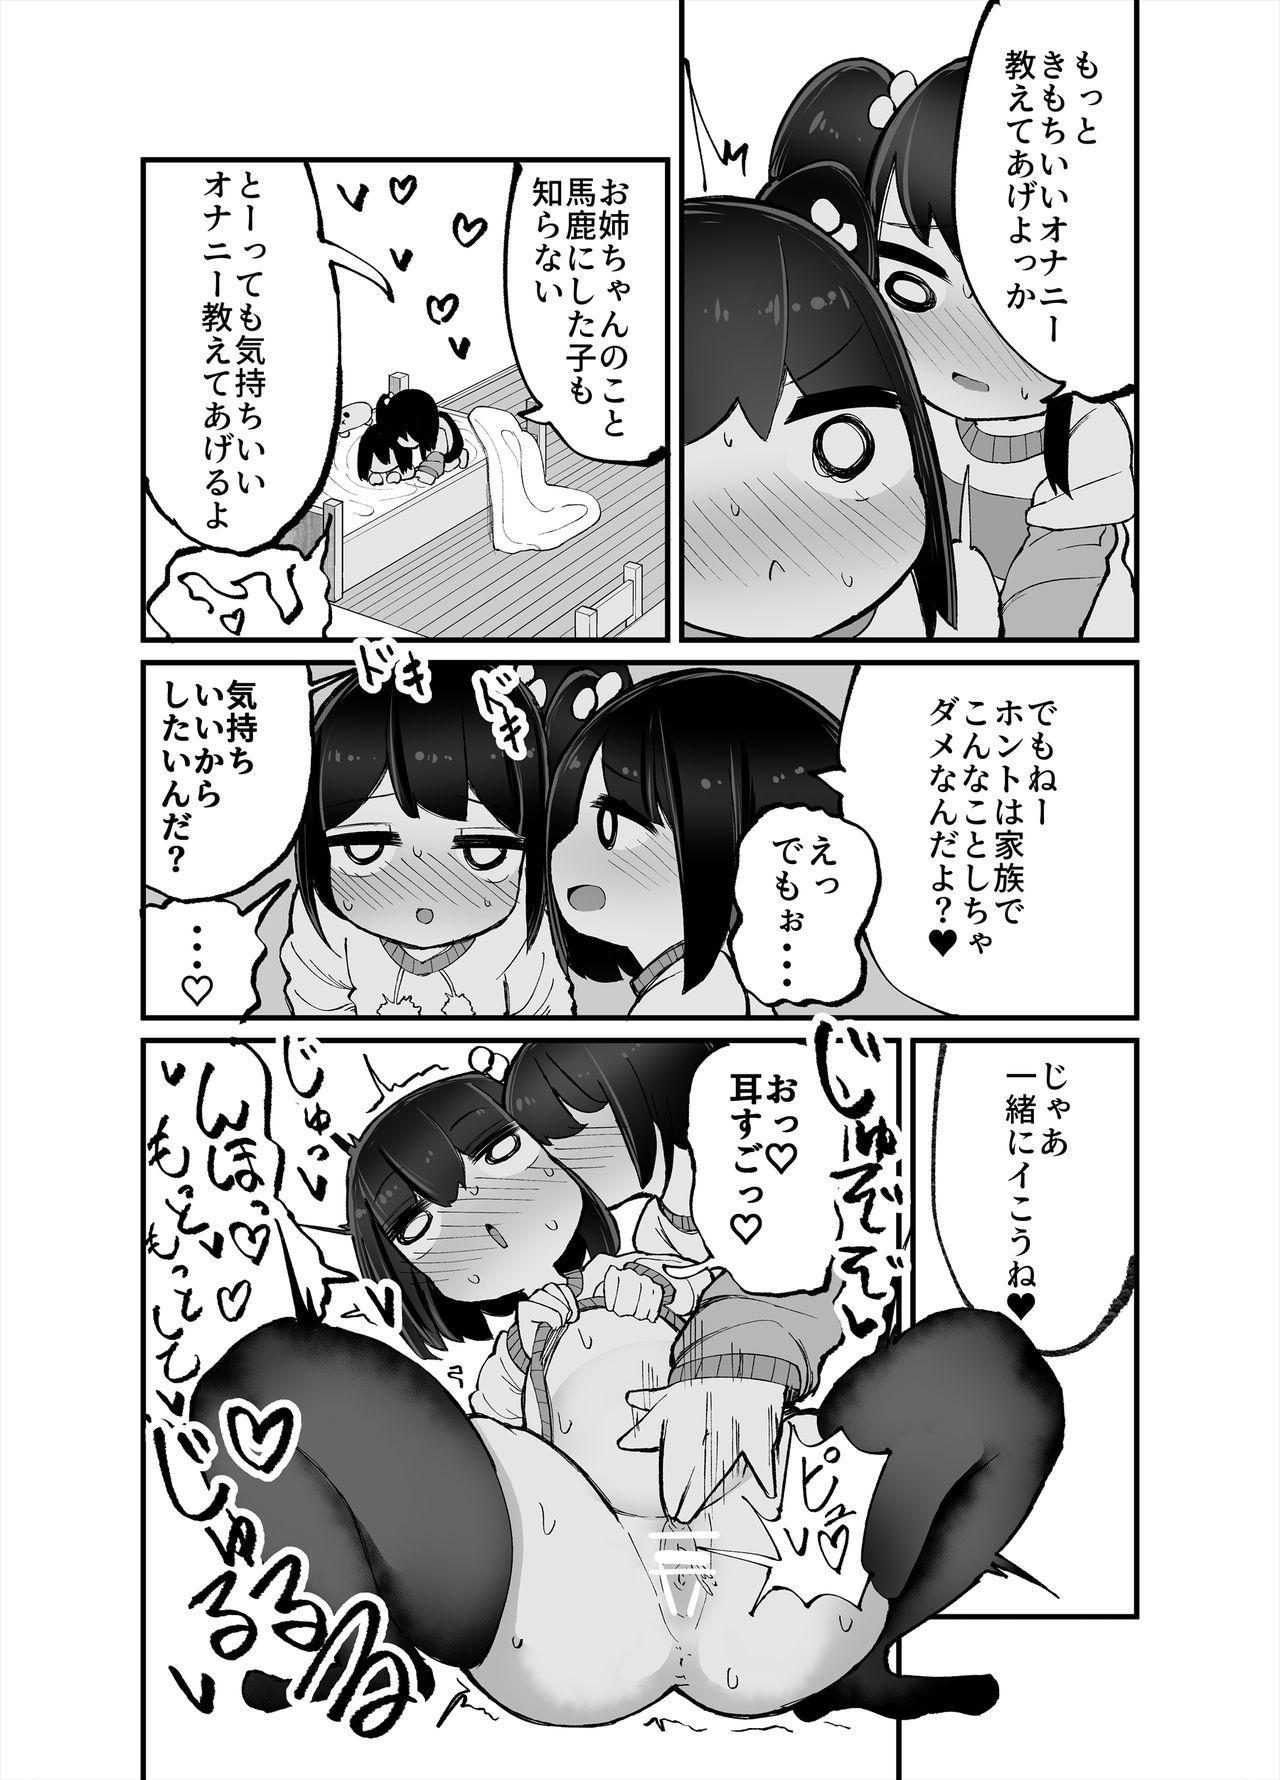 Futari de Onanie Shite Nani ga Warui! 7